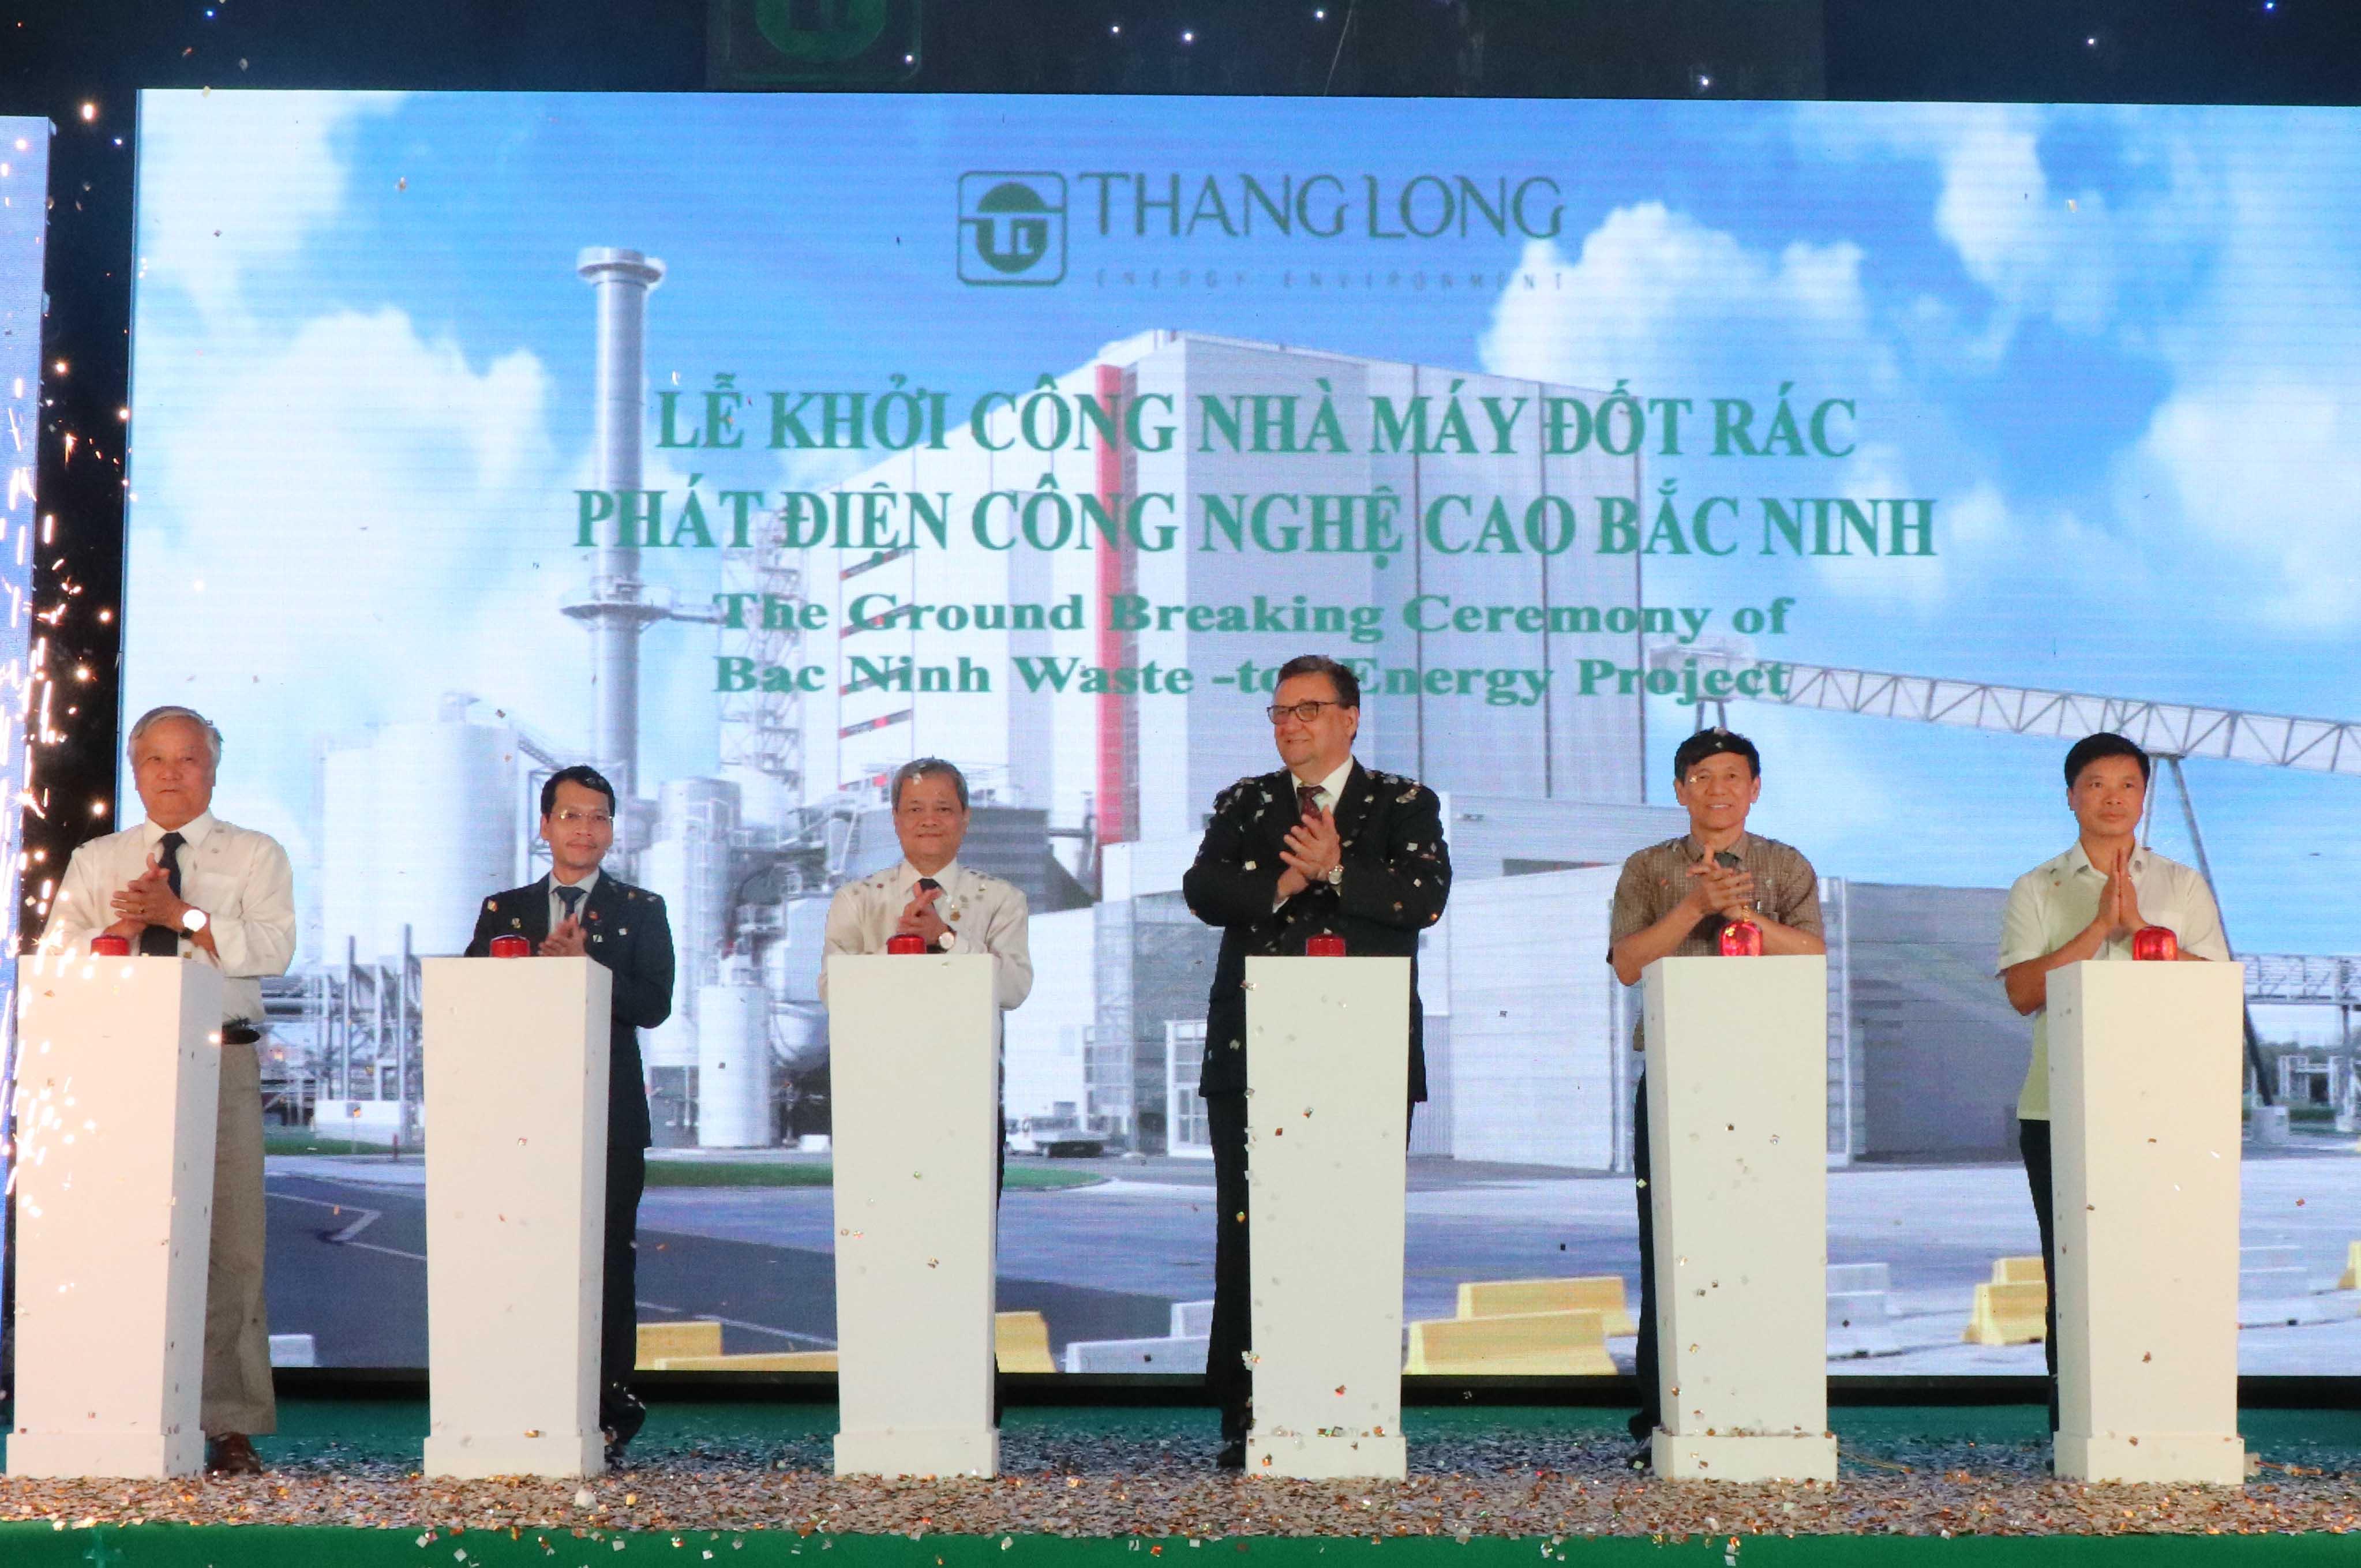 Bắc Ninh xây dựng Nhà máy đốt rác phát điện công nghệ cao trị giá 1.357 tỷ đồng